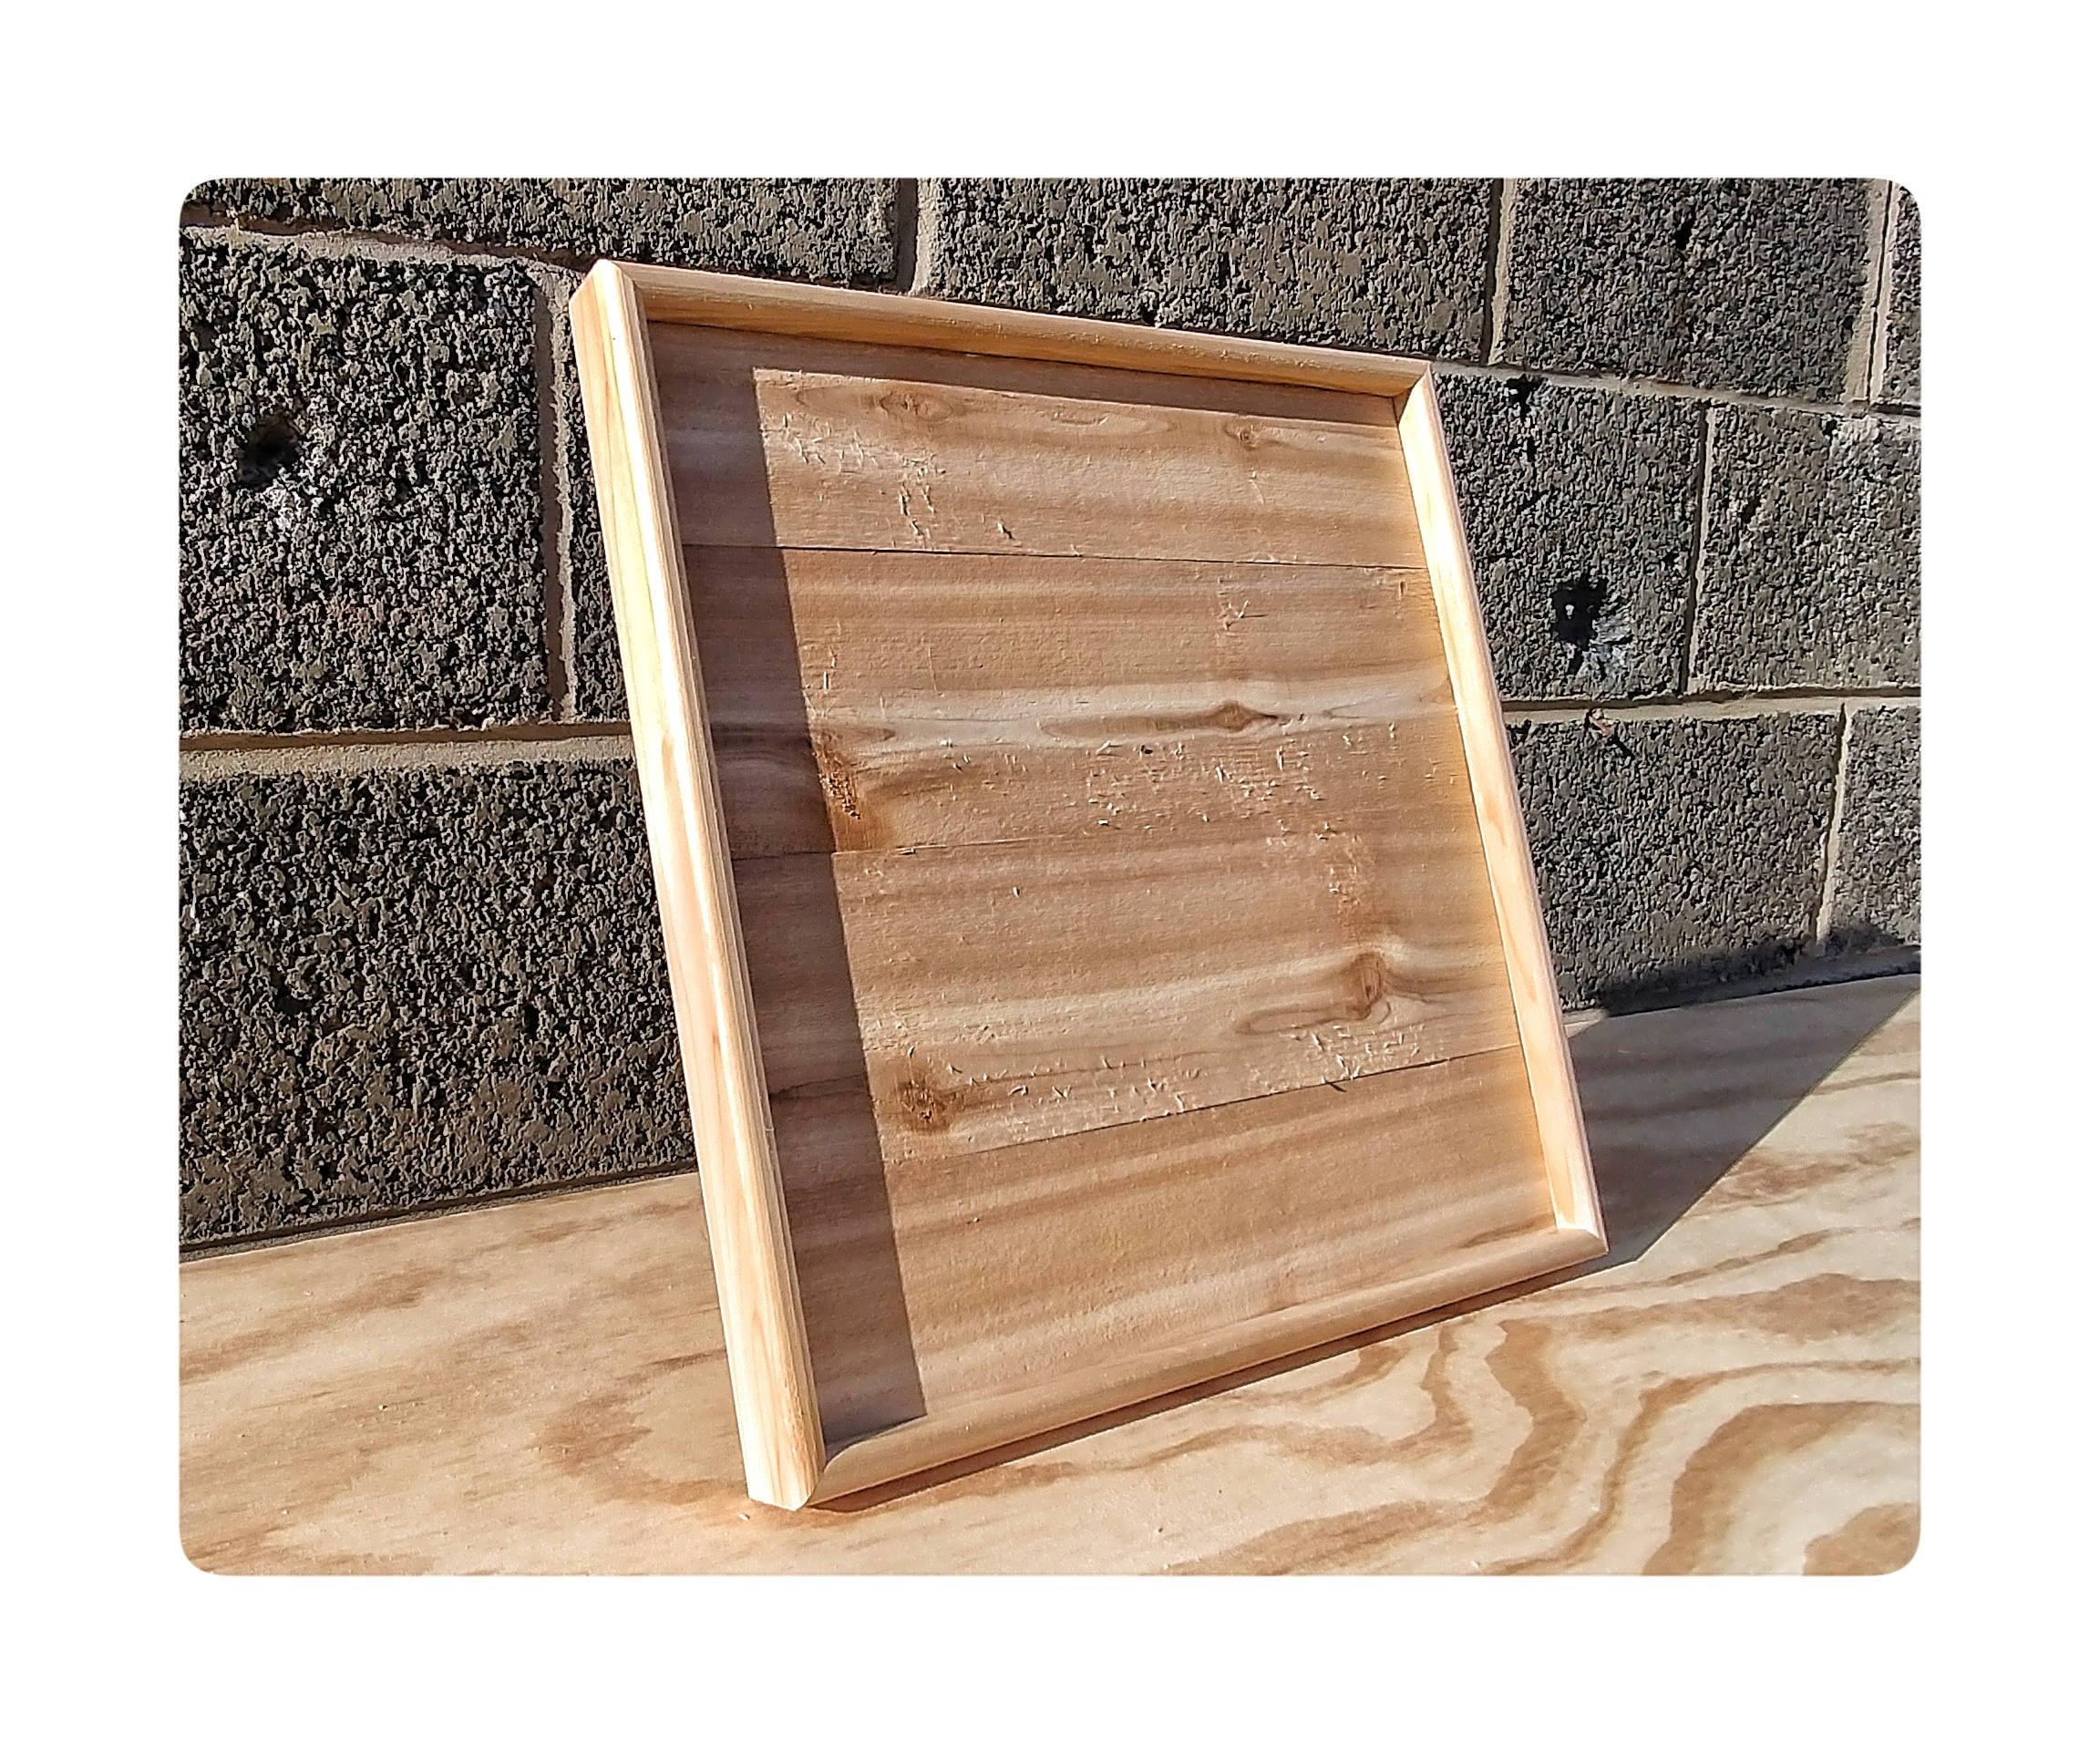 Leere Zeder Rahmen Cedar Holz Leinwand Holz für Holz